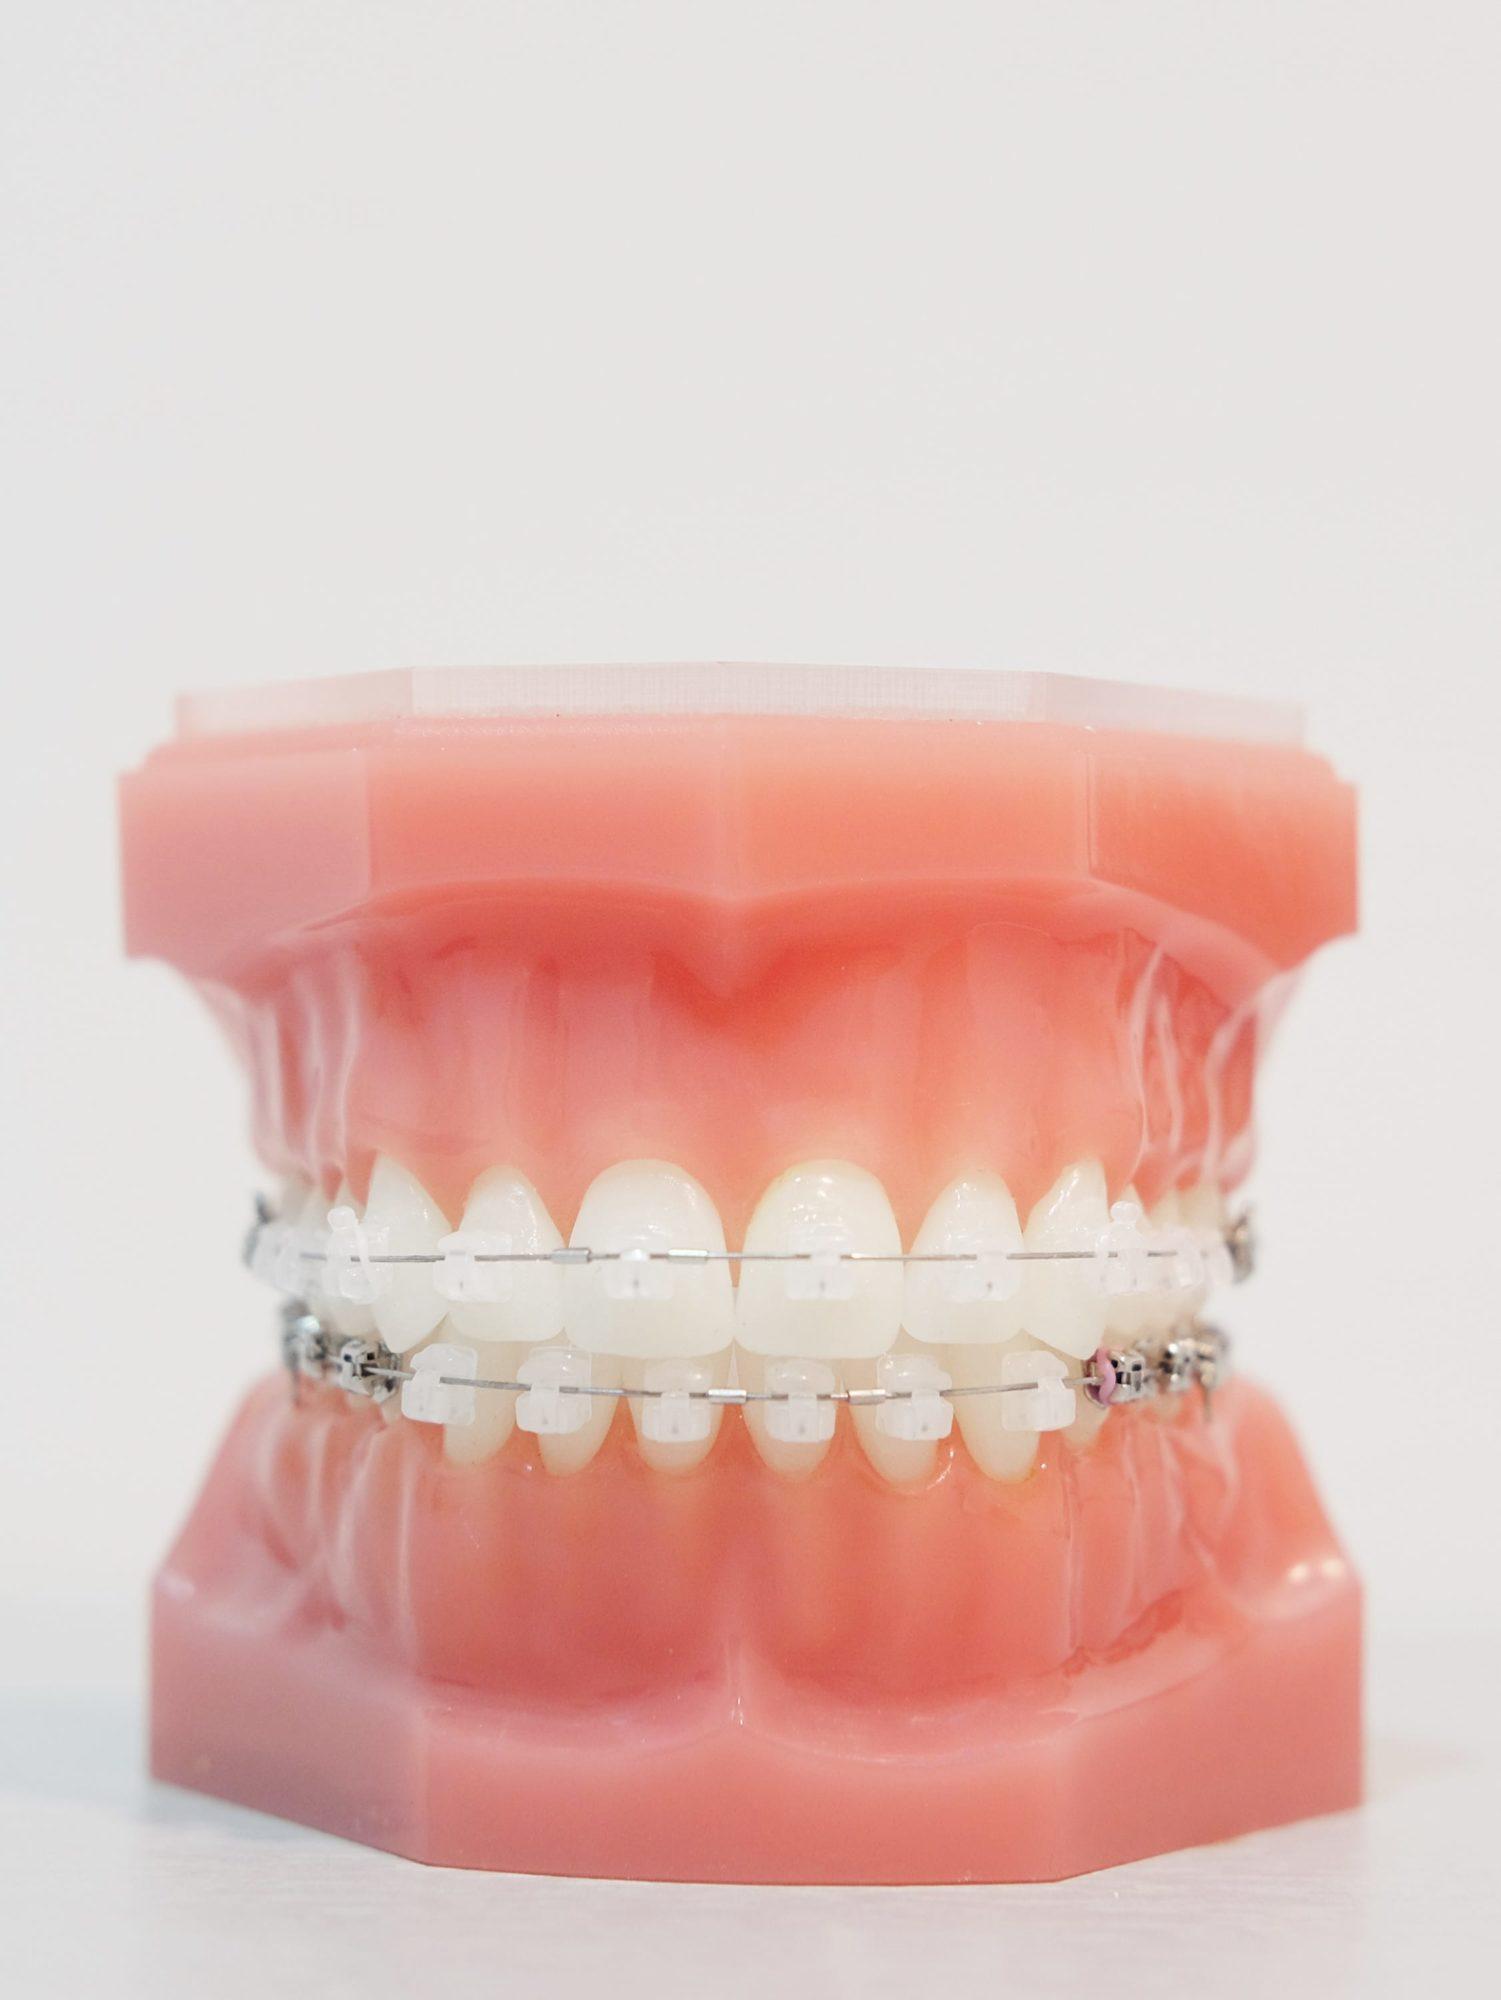 ceramic braces model